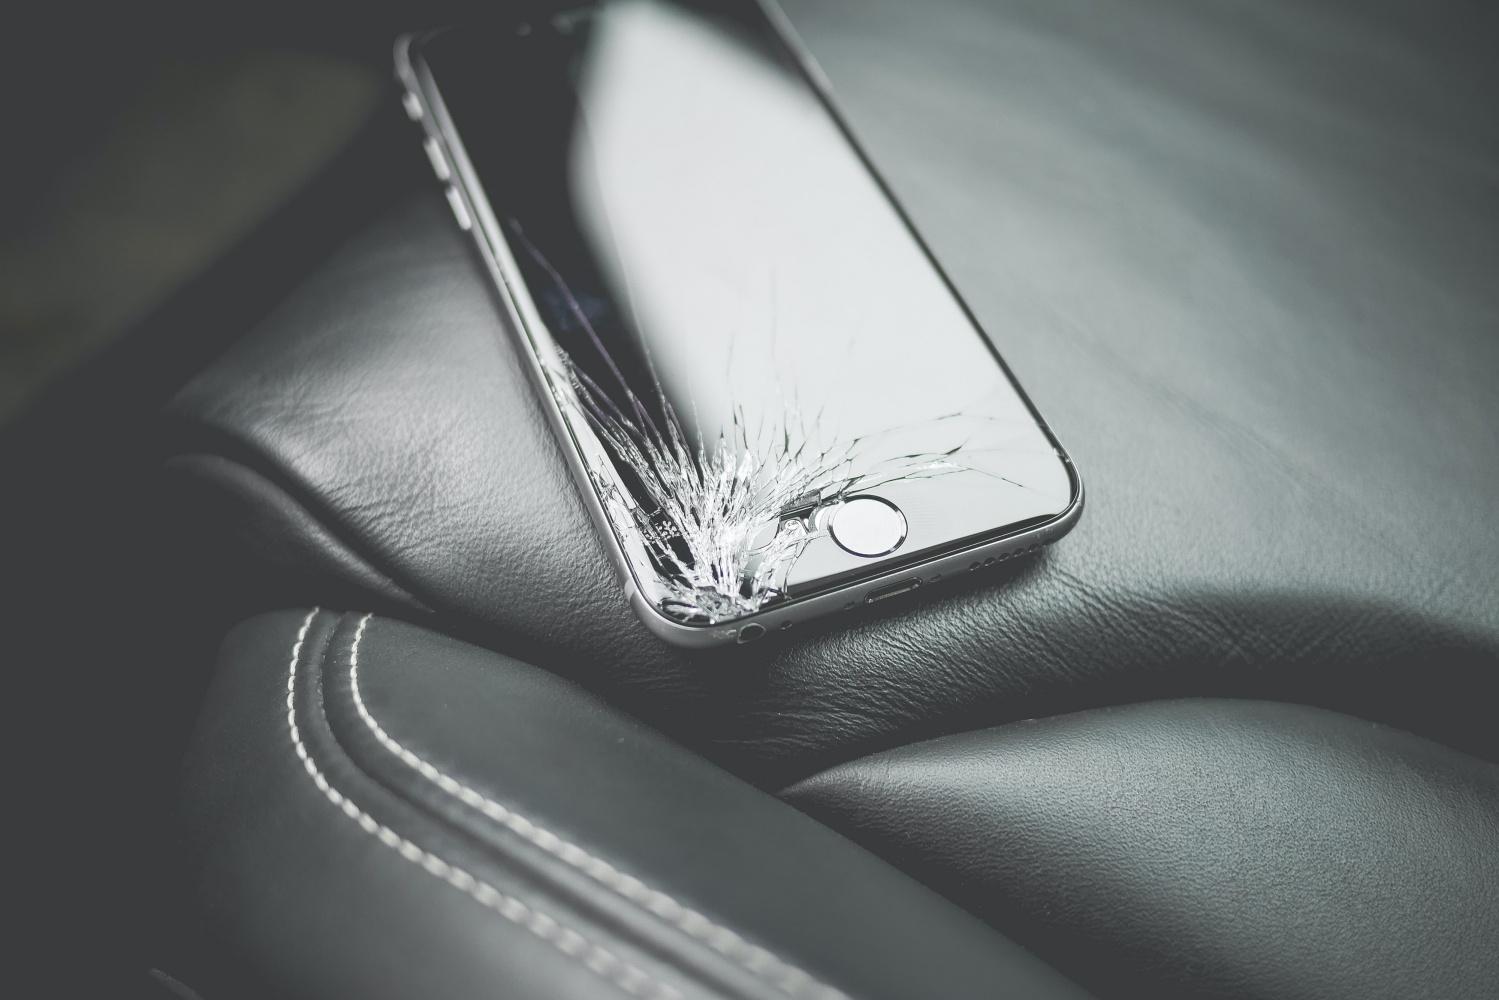 Apple ogłasza program naprawczy dla etui Smart Battery Case 17